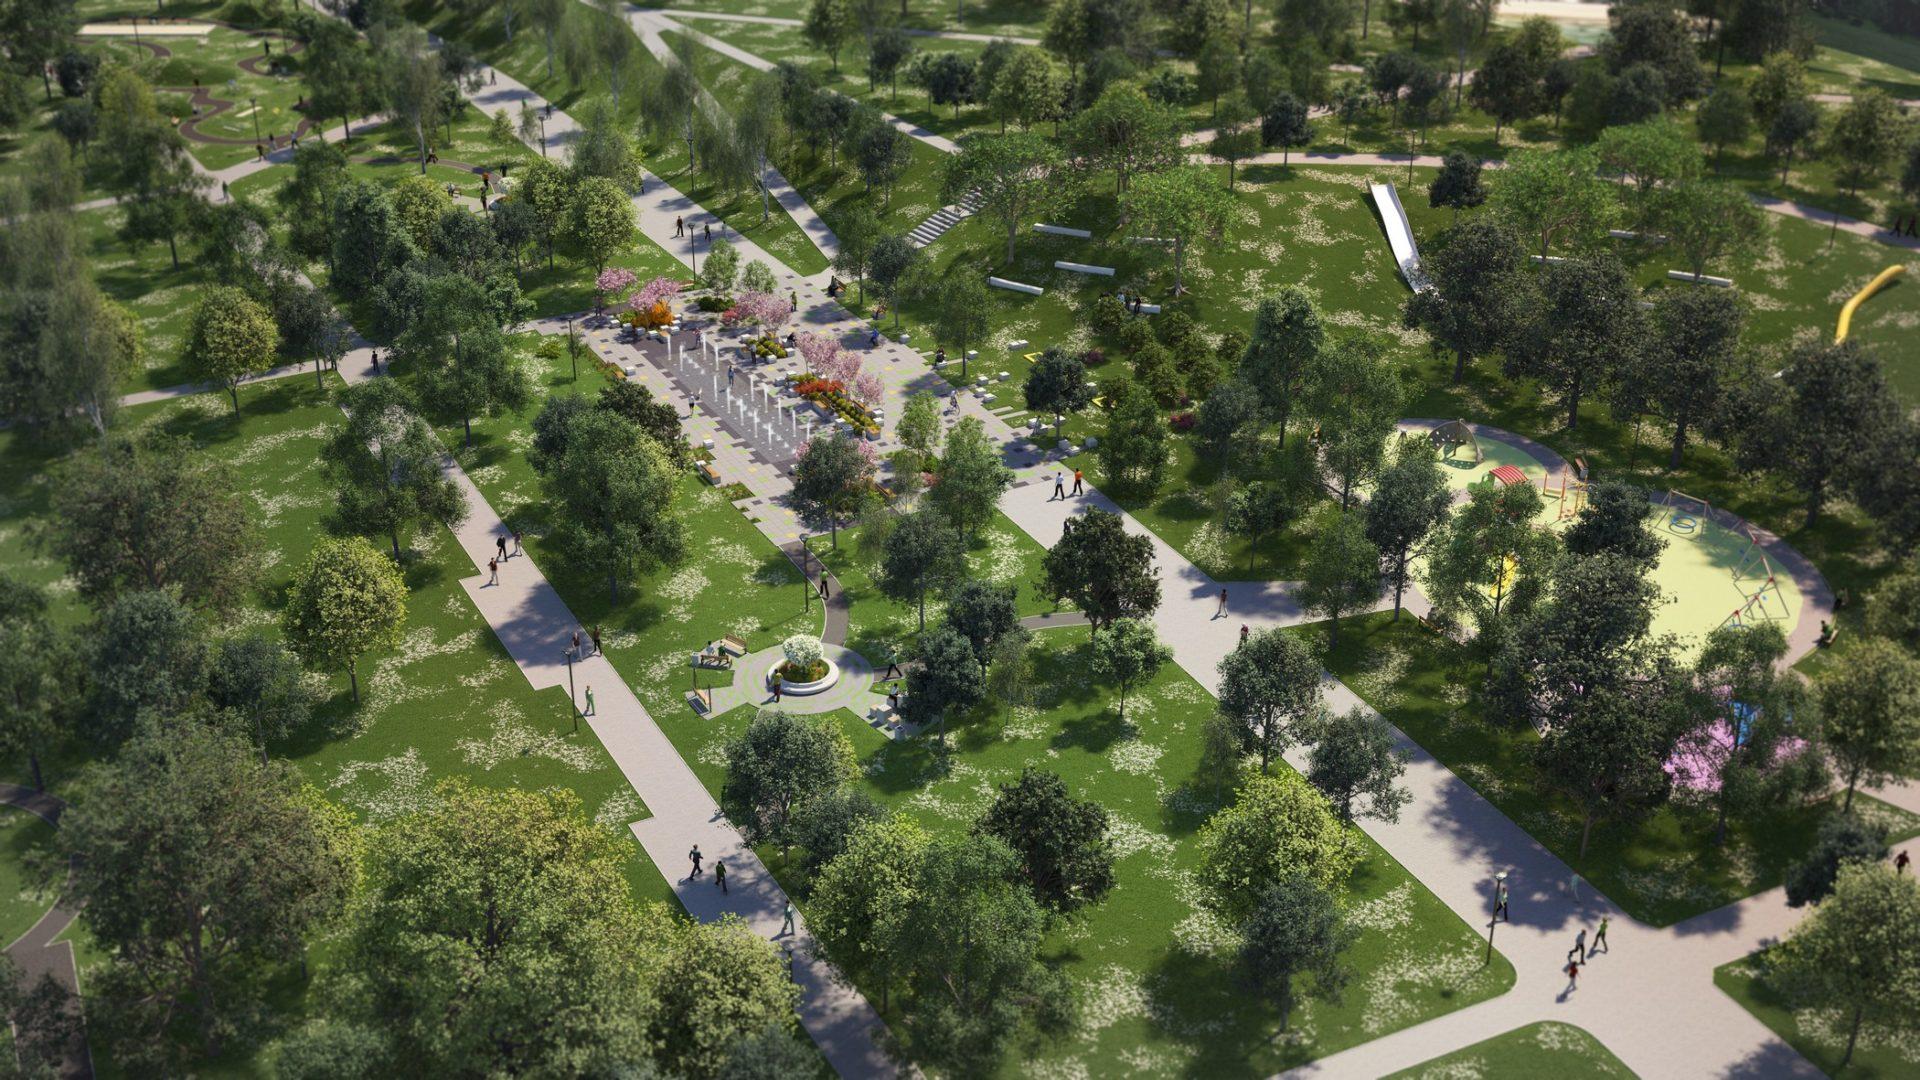 wizualizacje architektoniczne parku hallera w dąbrowie Górniczej